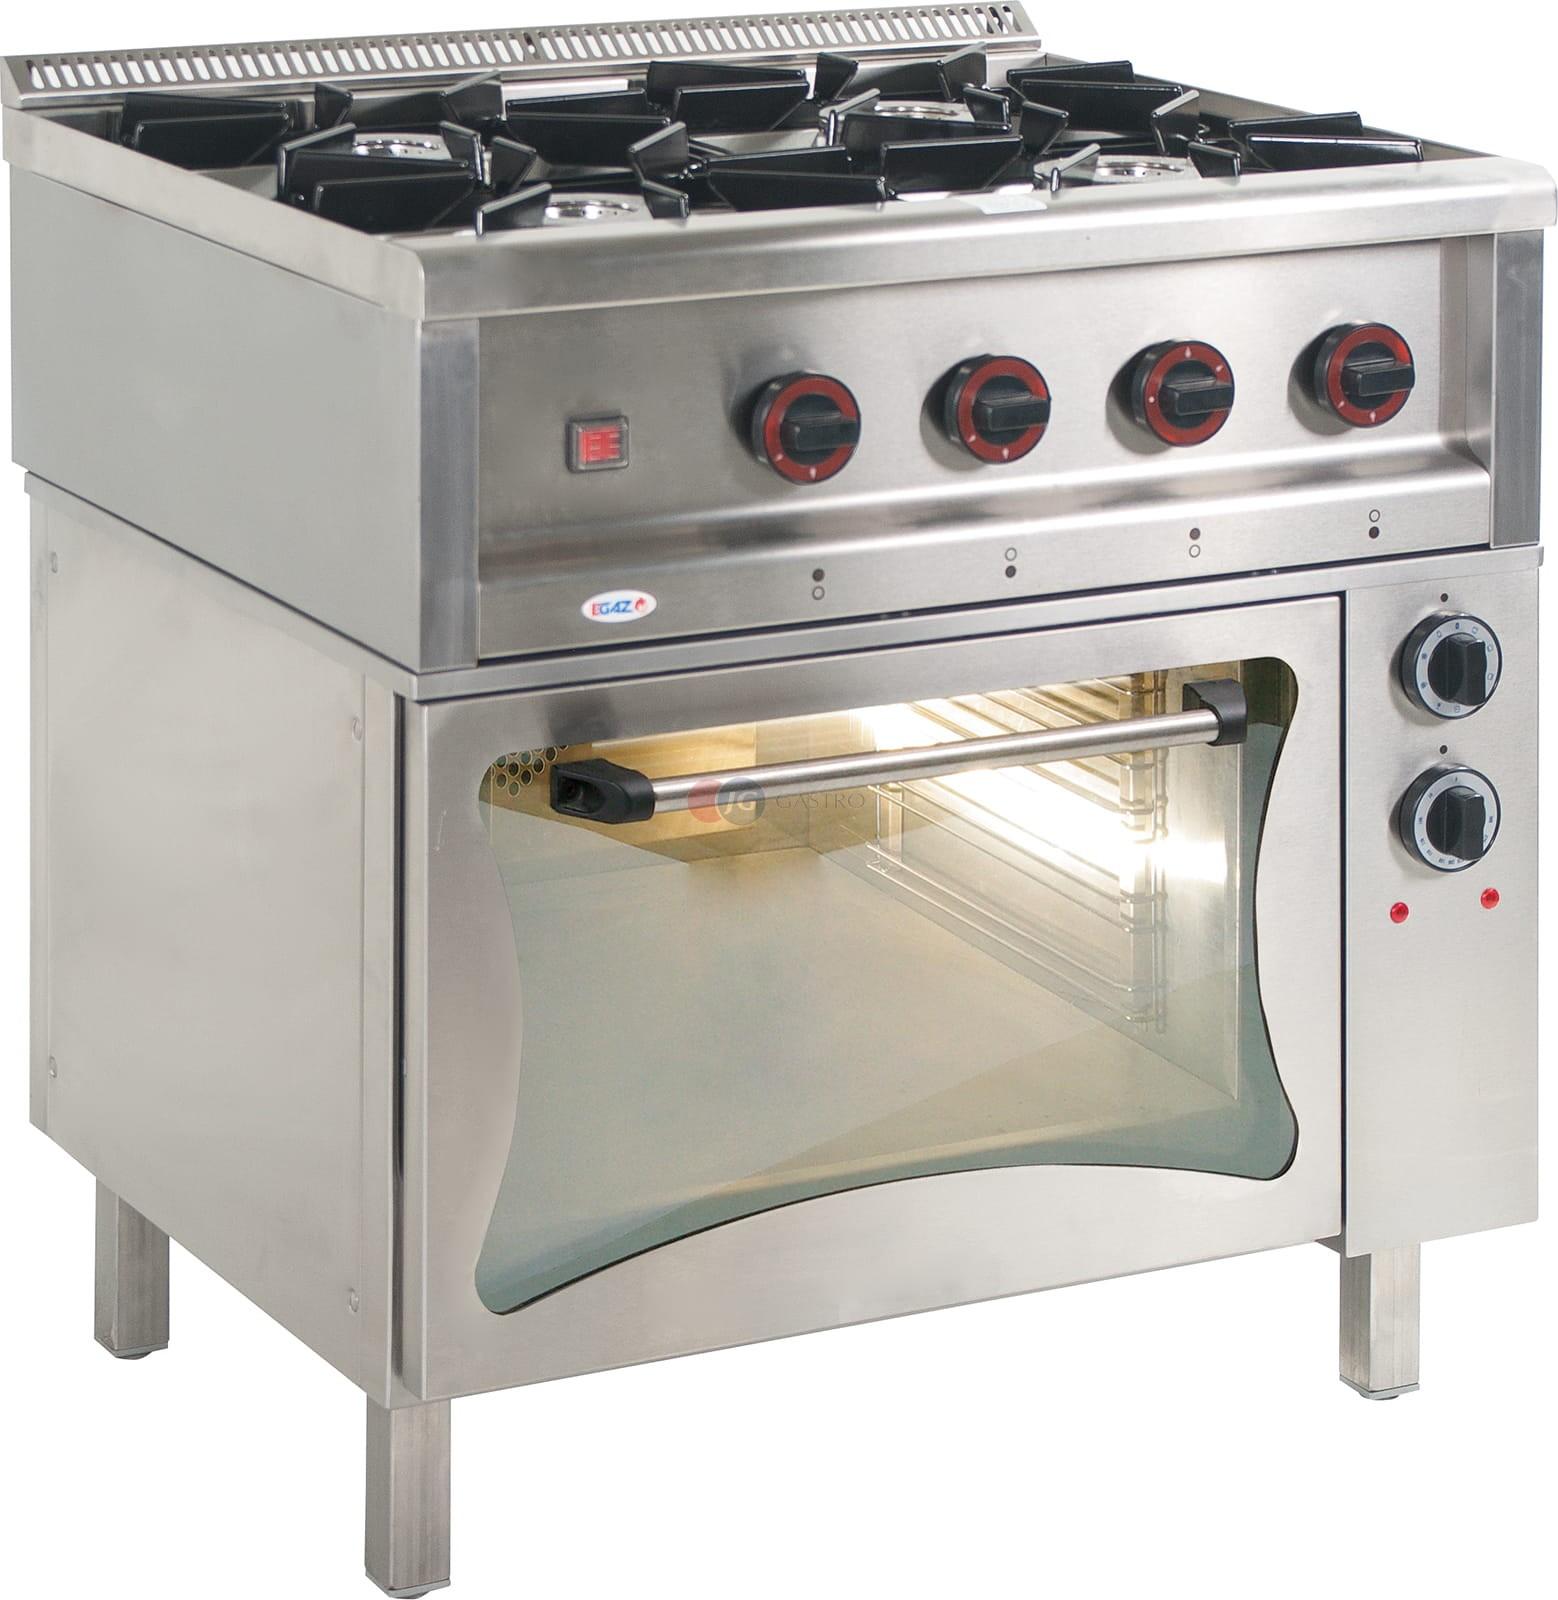 Kuchnia Gazowa 4 Palnikowa Z Piekarnikiem Elektrycznym 24533 Kw Egaz Tgl 4725pke 1